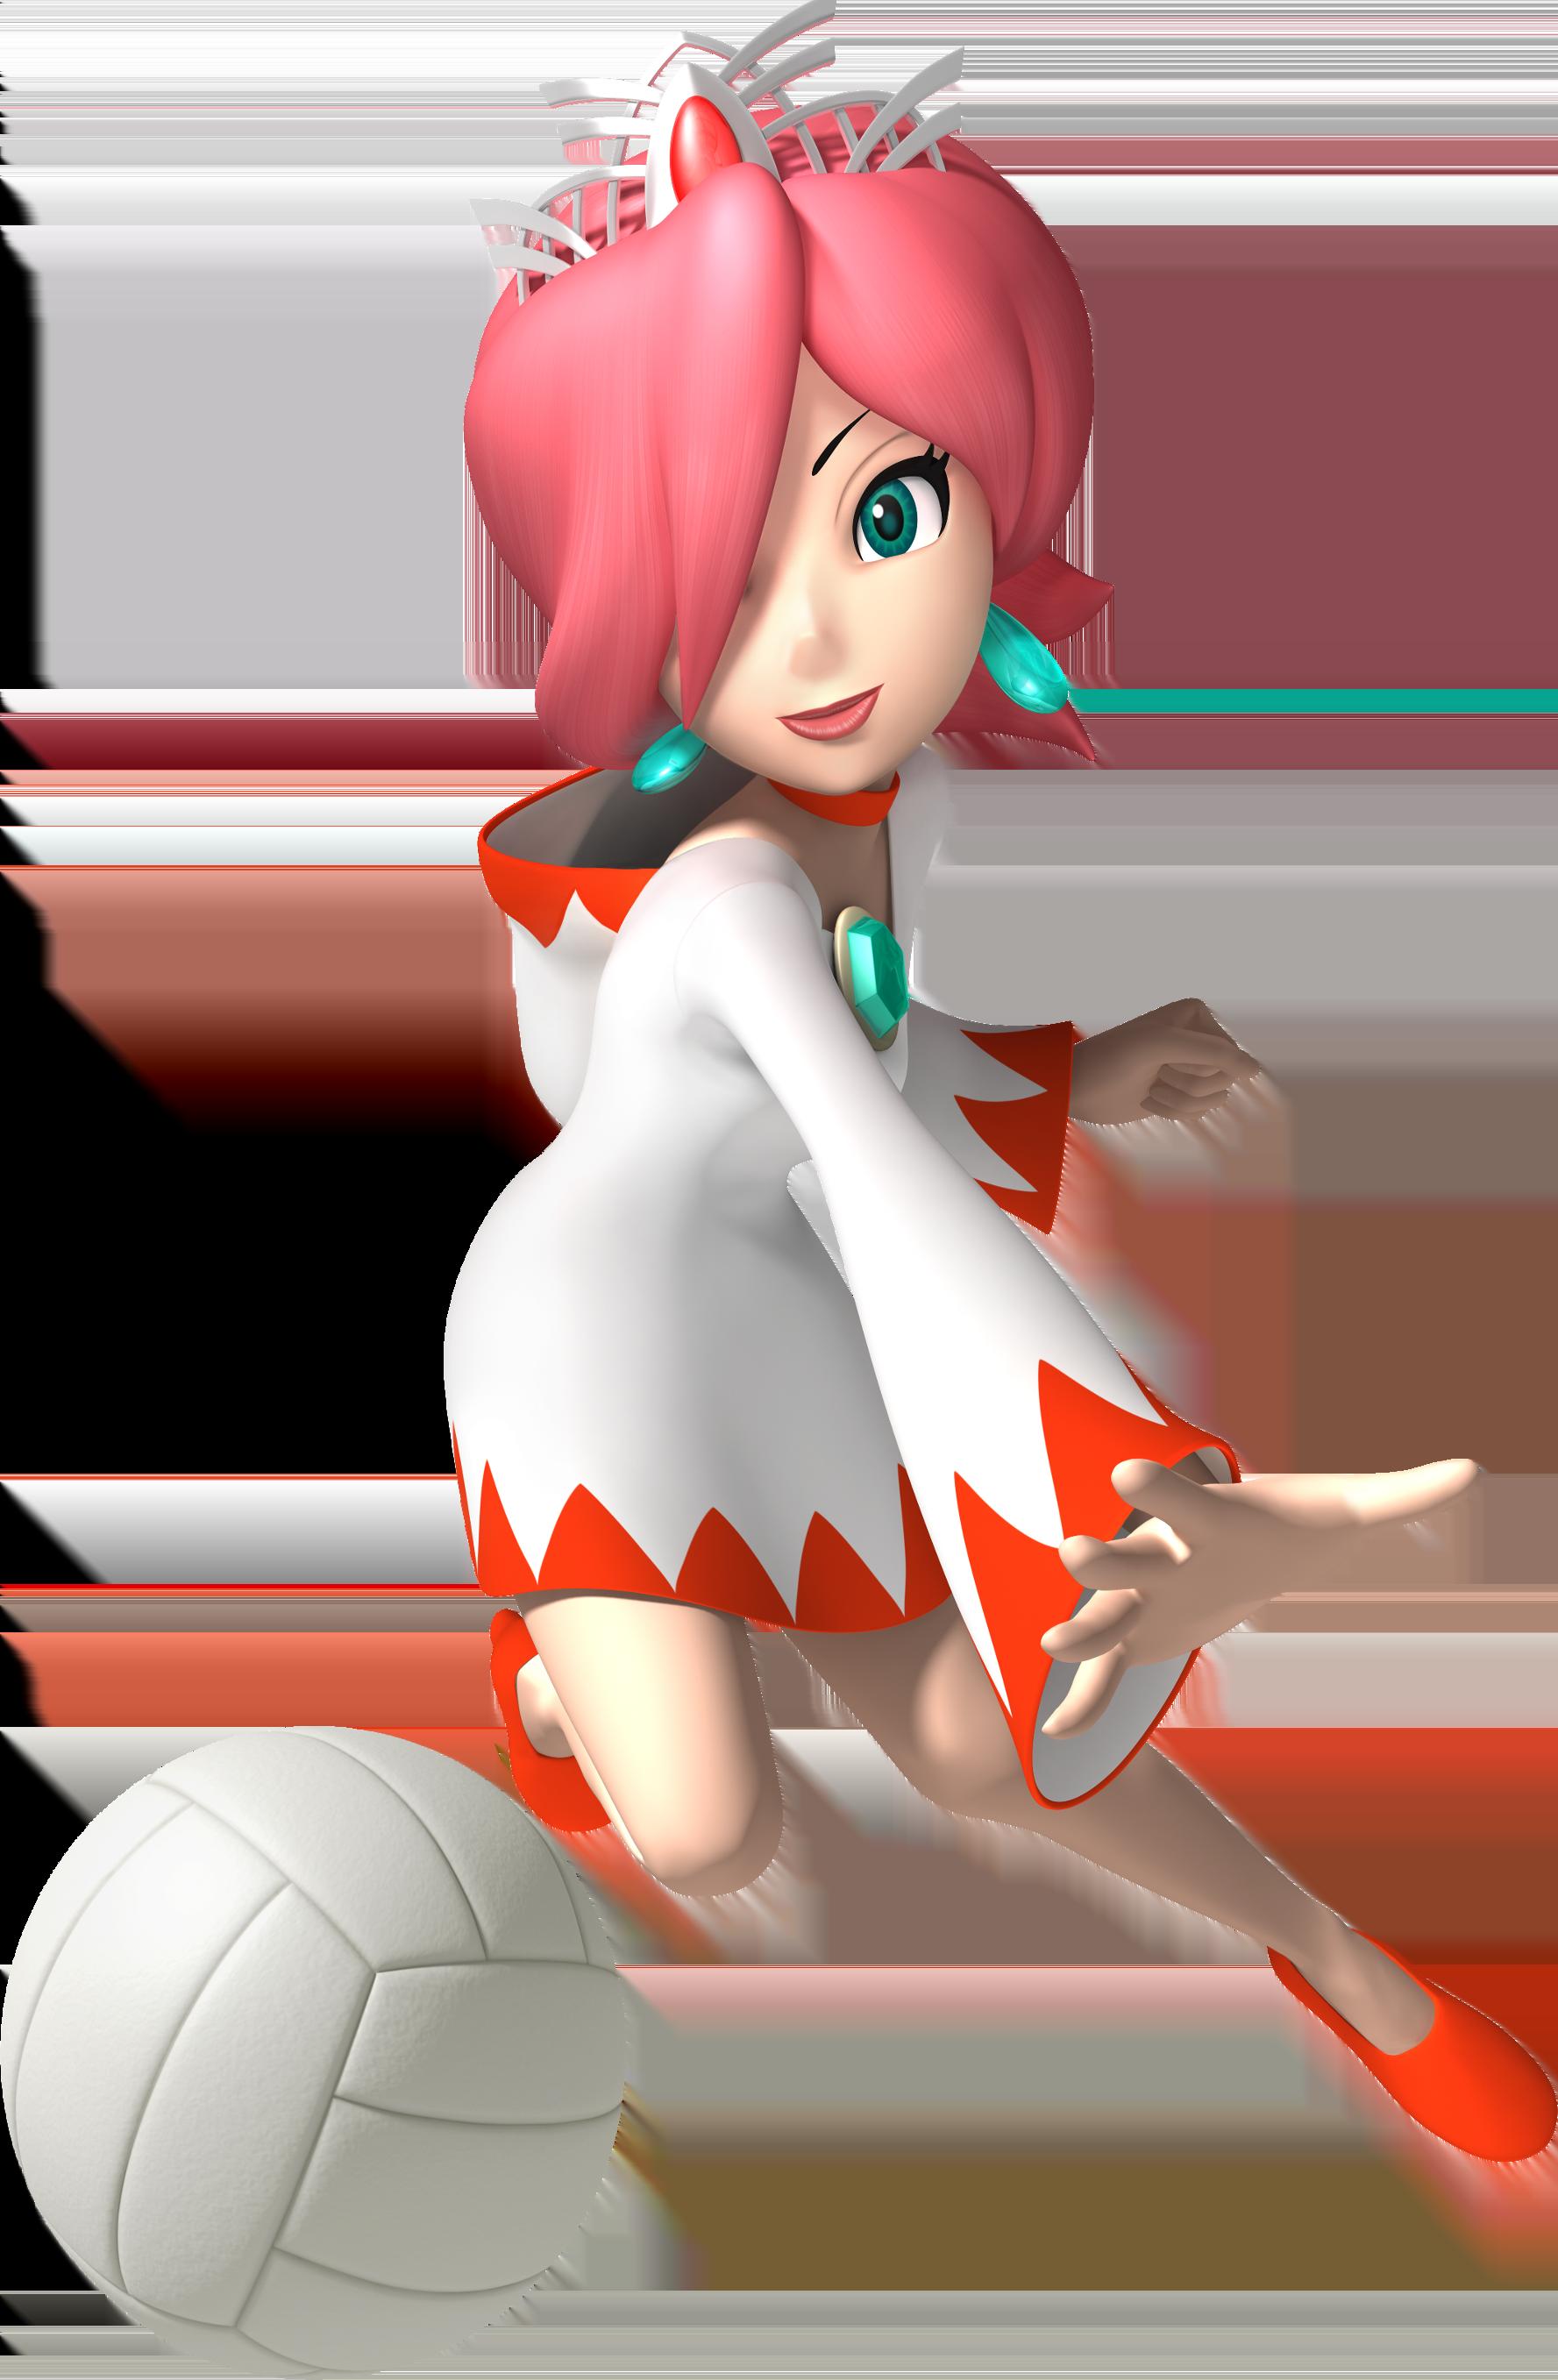 File:Mariosports white mage.png